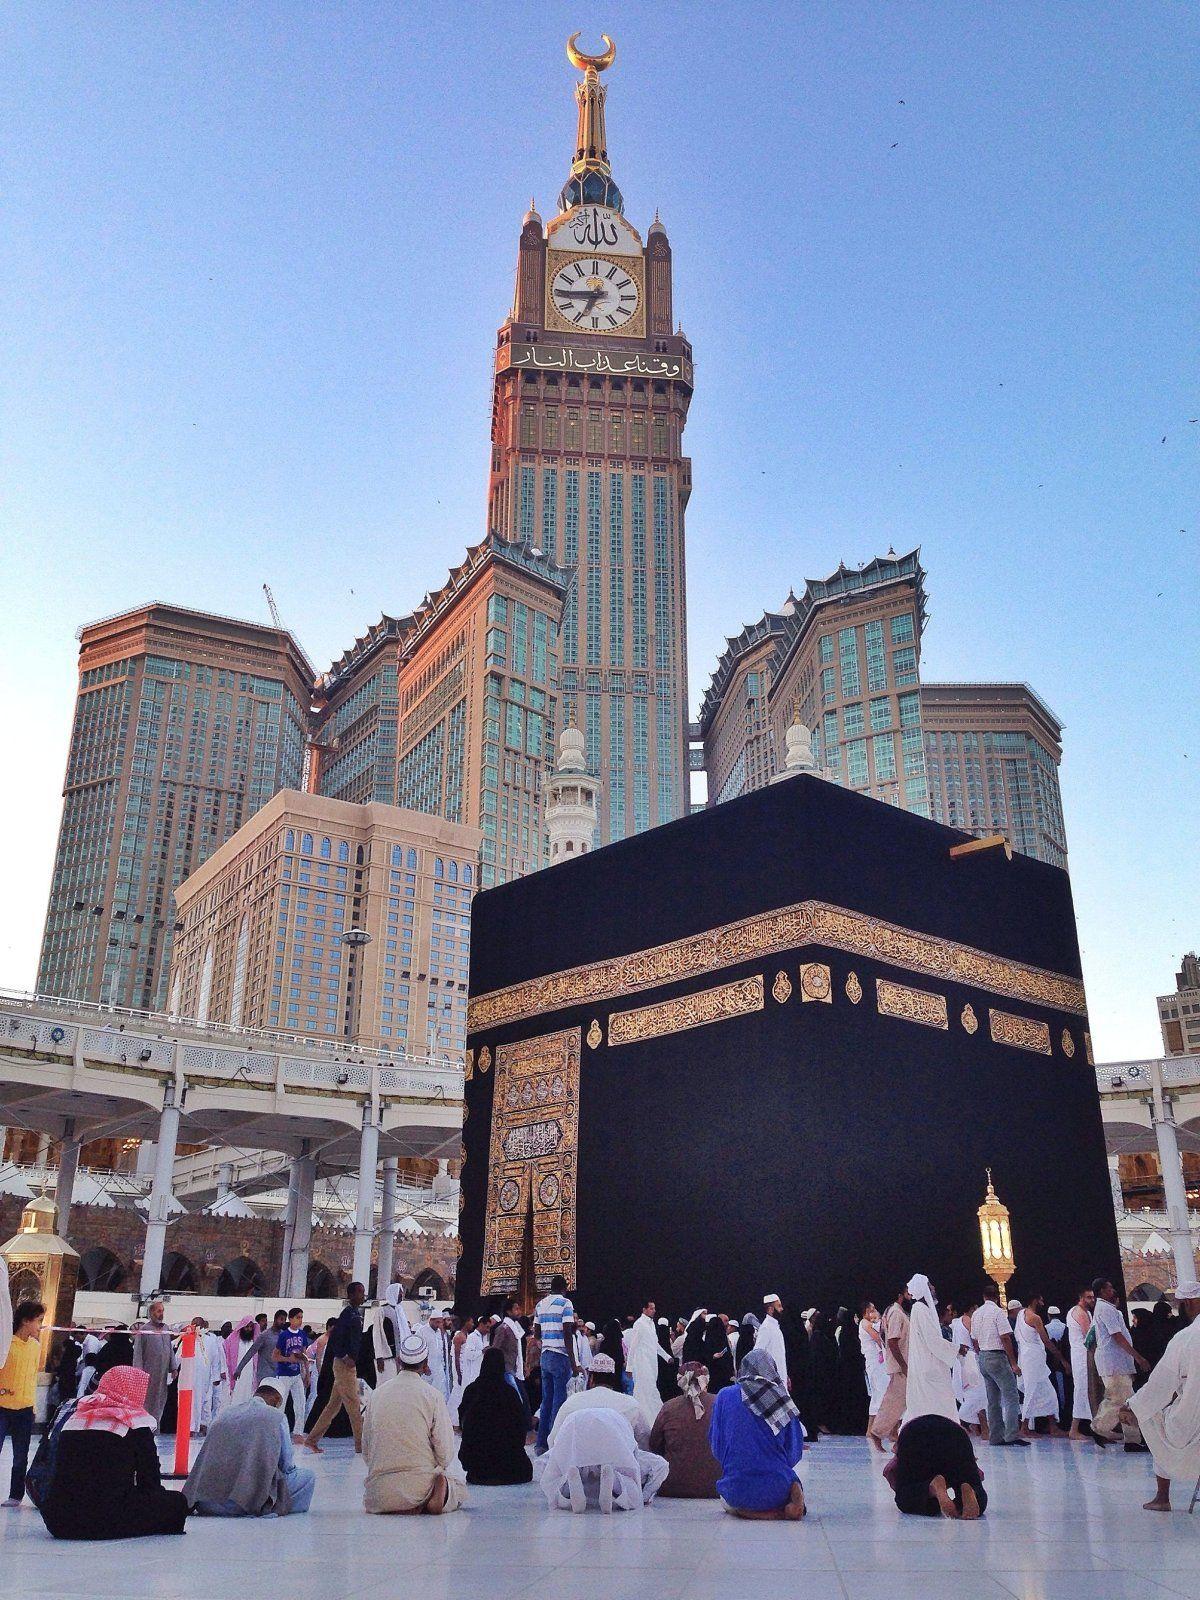 صور عالية الوضوح Hd لمدينة مكة المكرمة Mecca السعودية Saudi Arabia سياحة مساجد إسلام 12 Fotografi Arsitektur Mekah Arsitektur Islamis